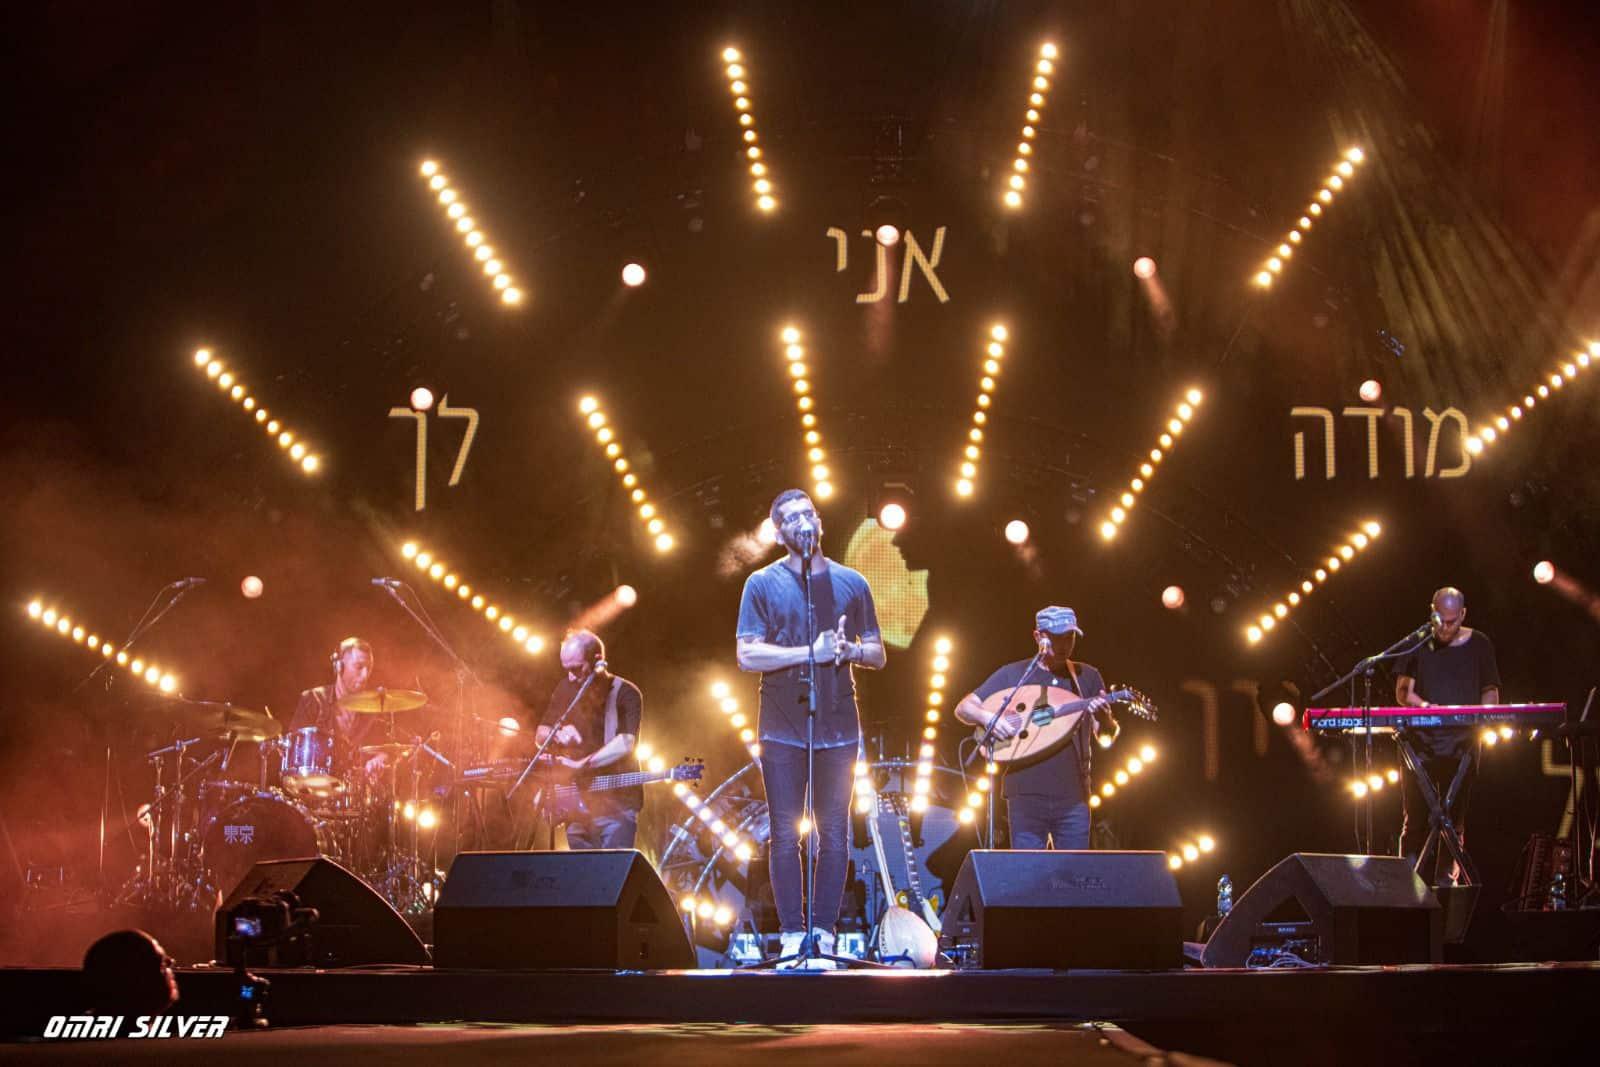 חנן בן ארי בהופעה באצטדיון נשר, קרדיט צילום: עמרי סילבר